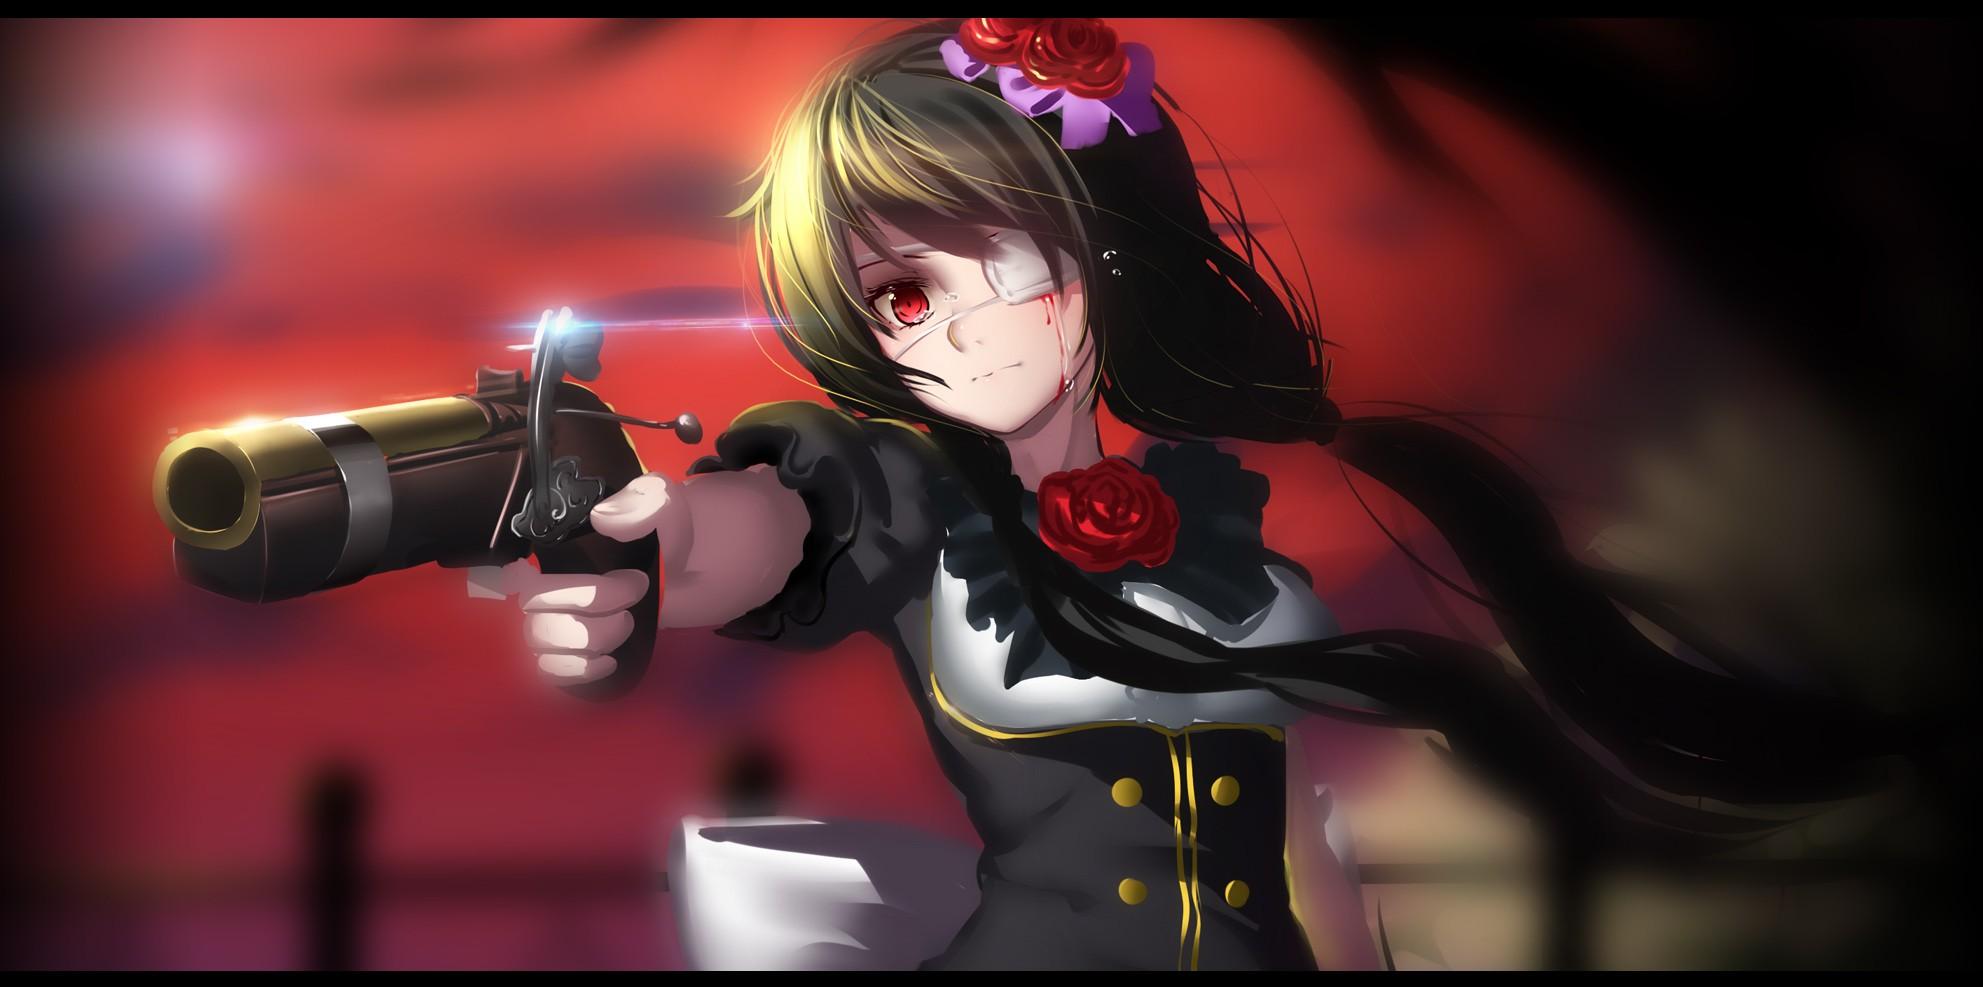 Fondos De Pantalla : Pistola, Anime, Chicas Anime, Fecha